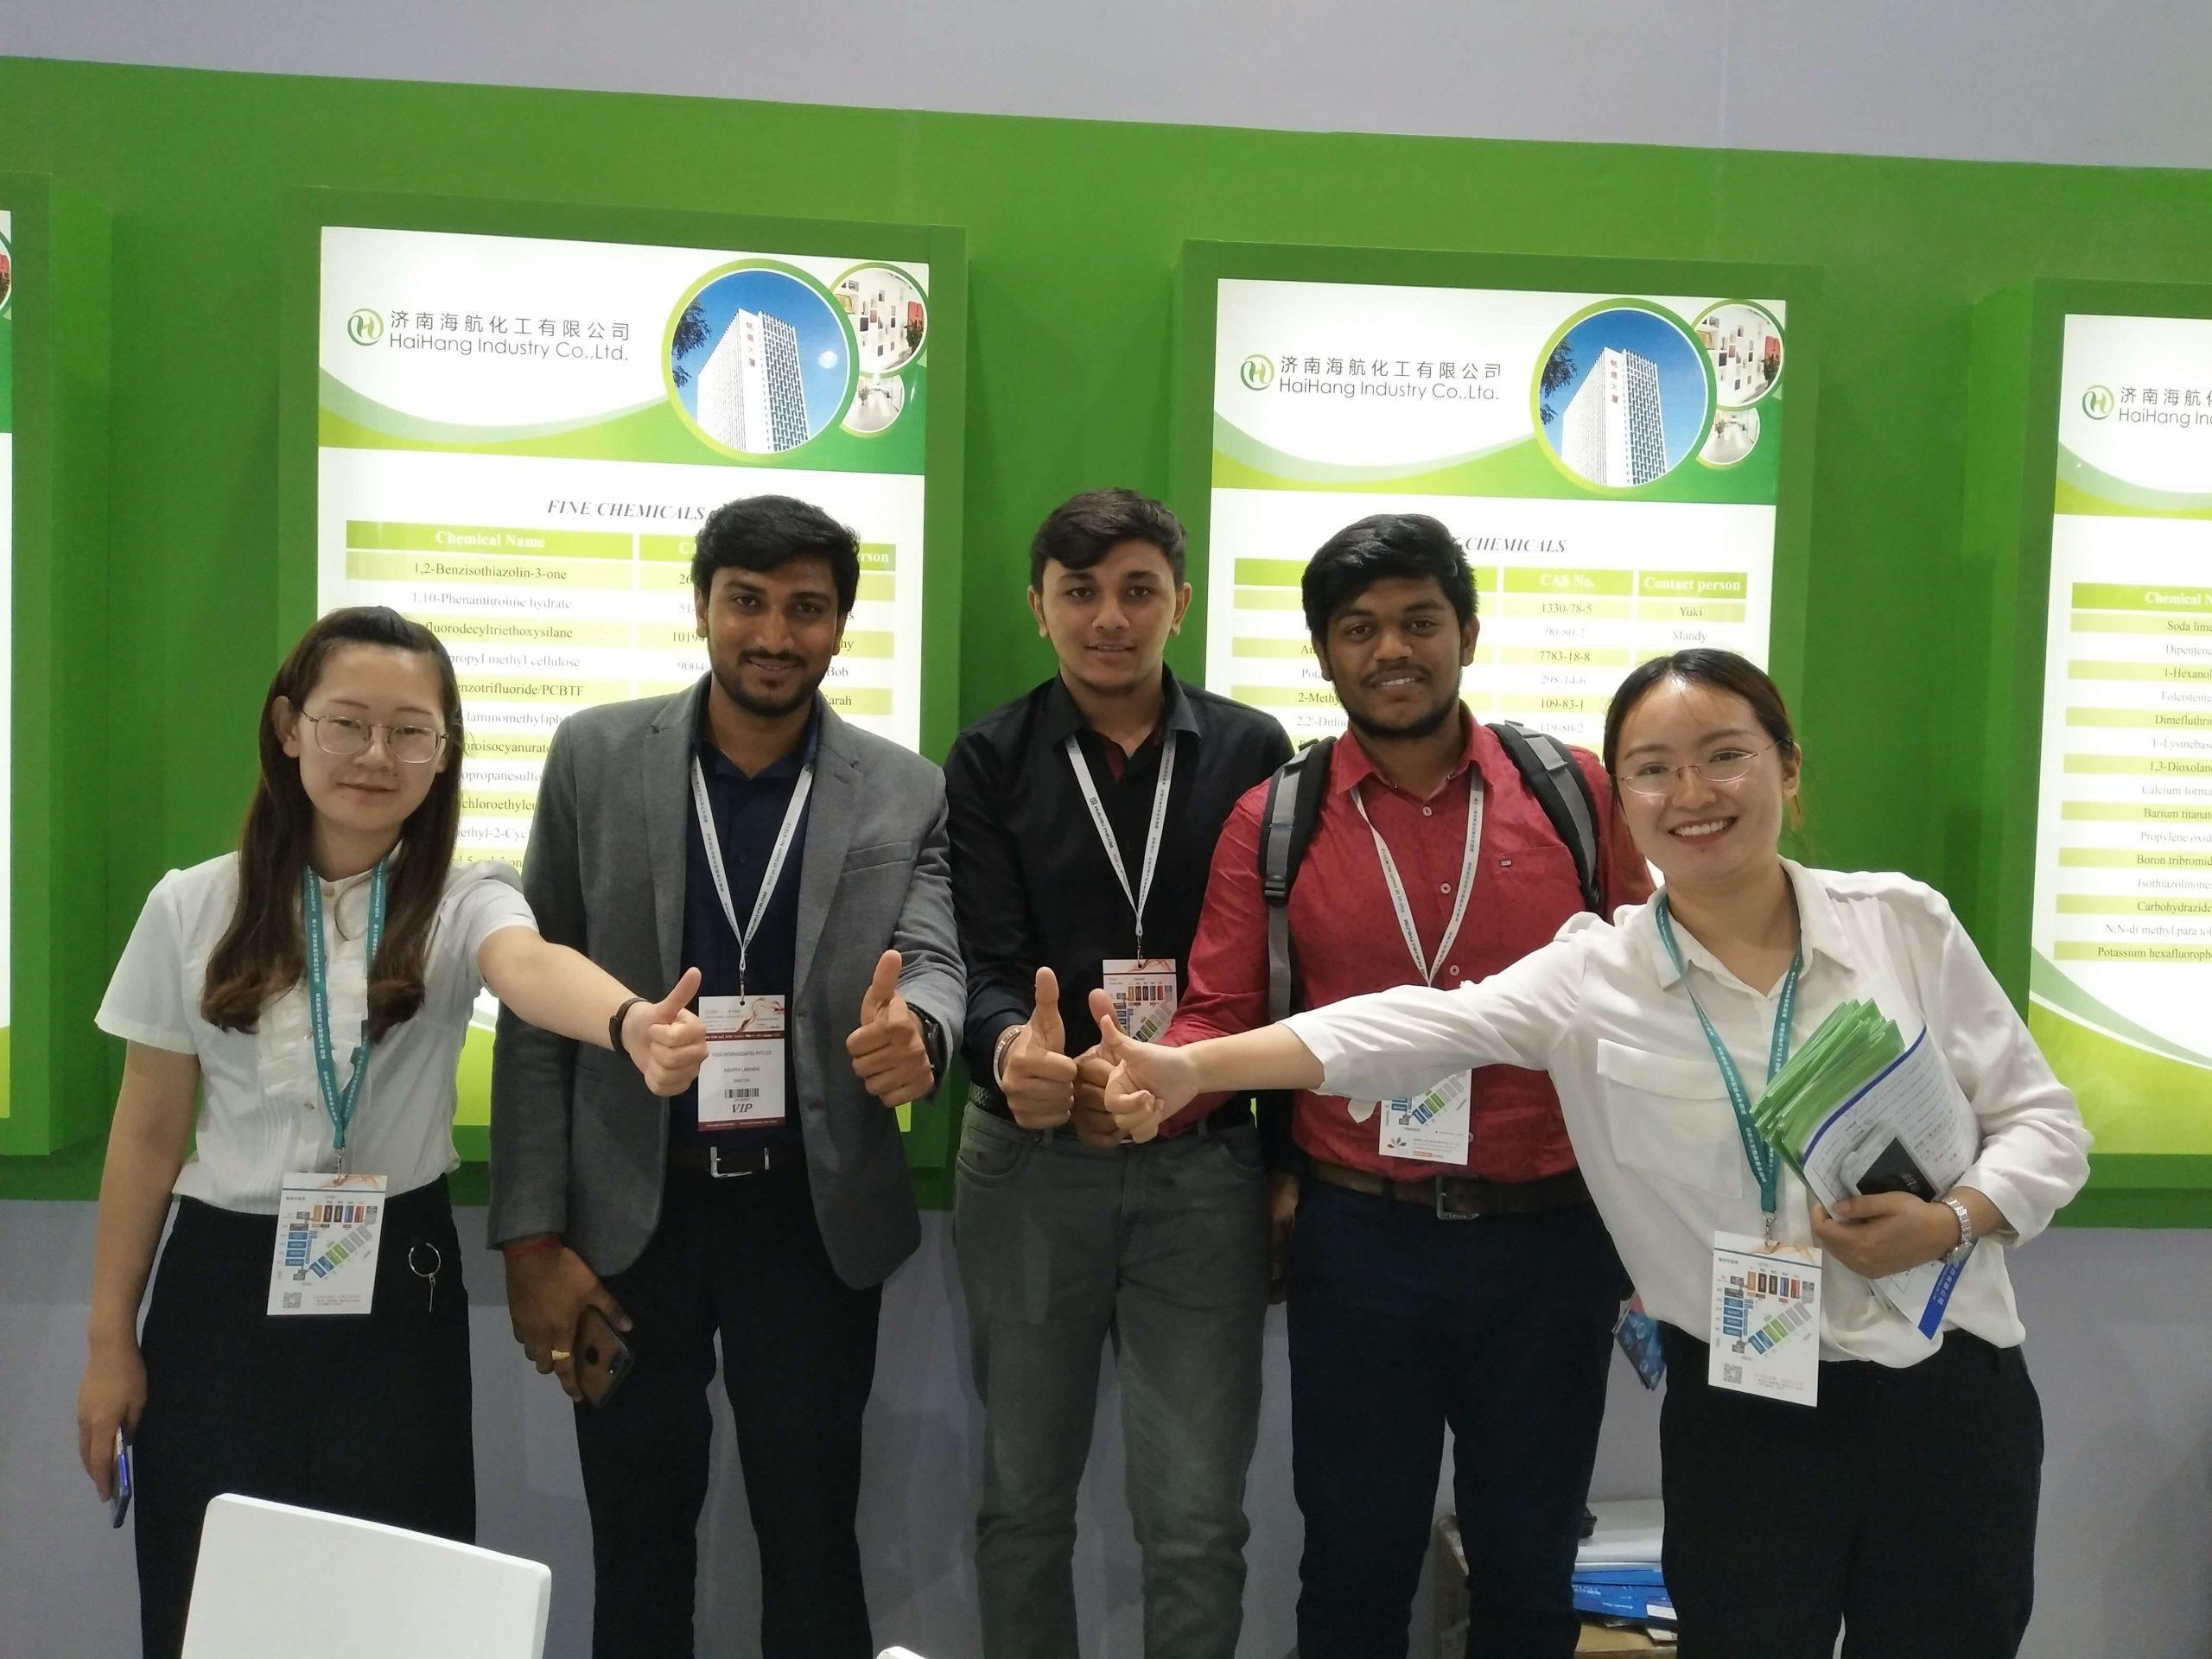 CPhI & P-MEC China 2018 (2)